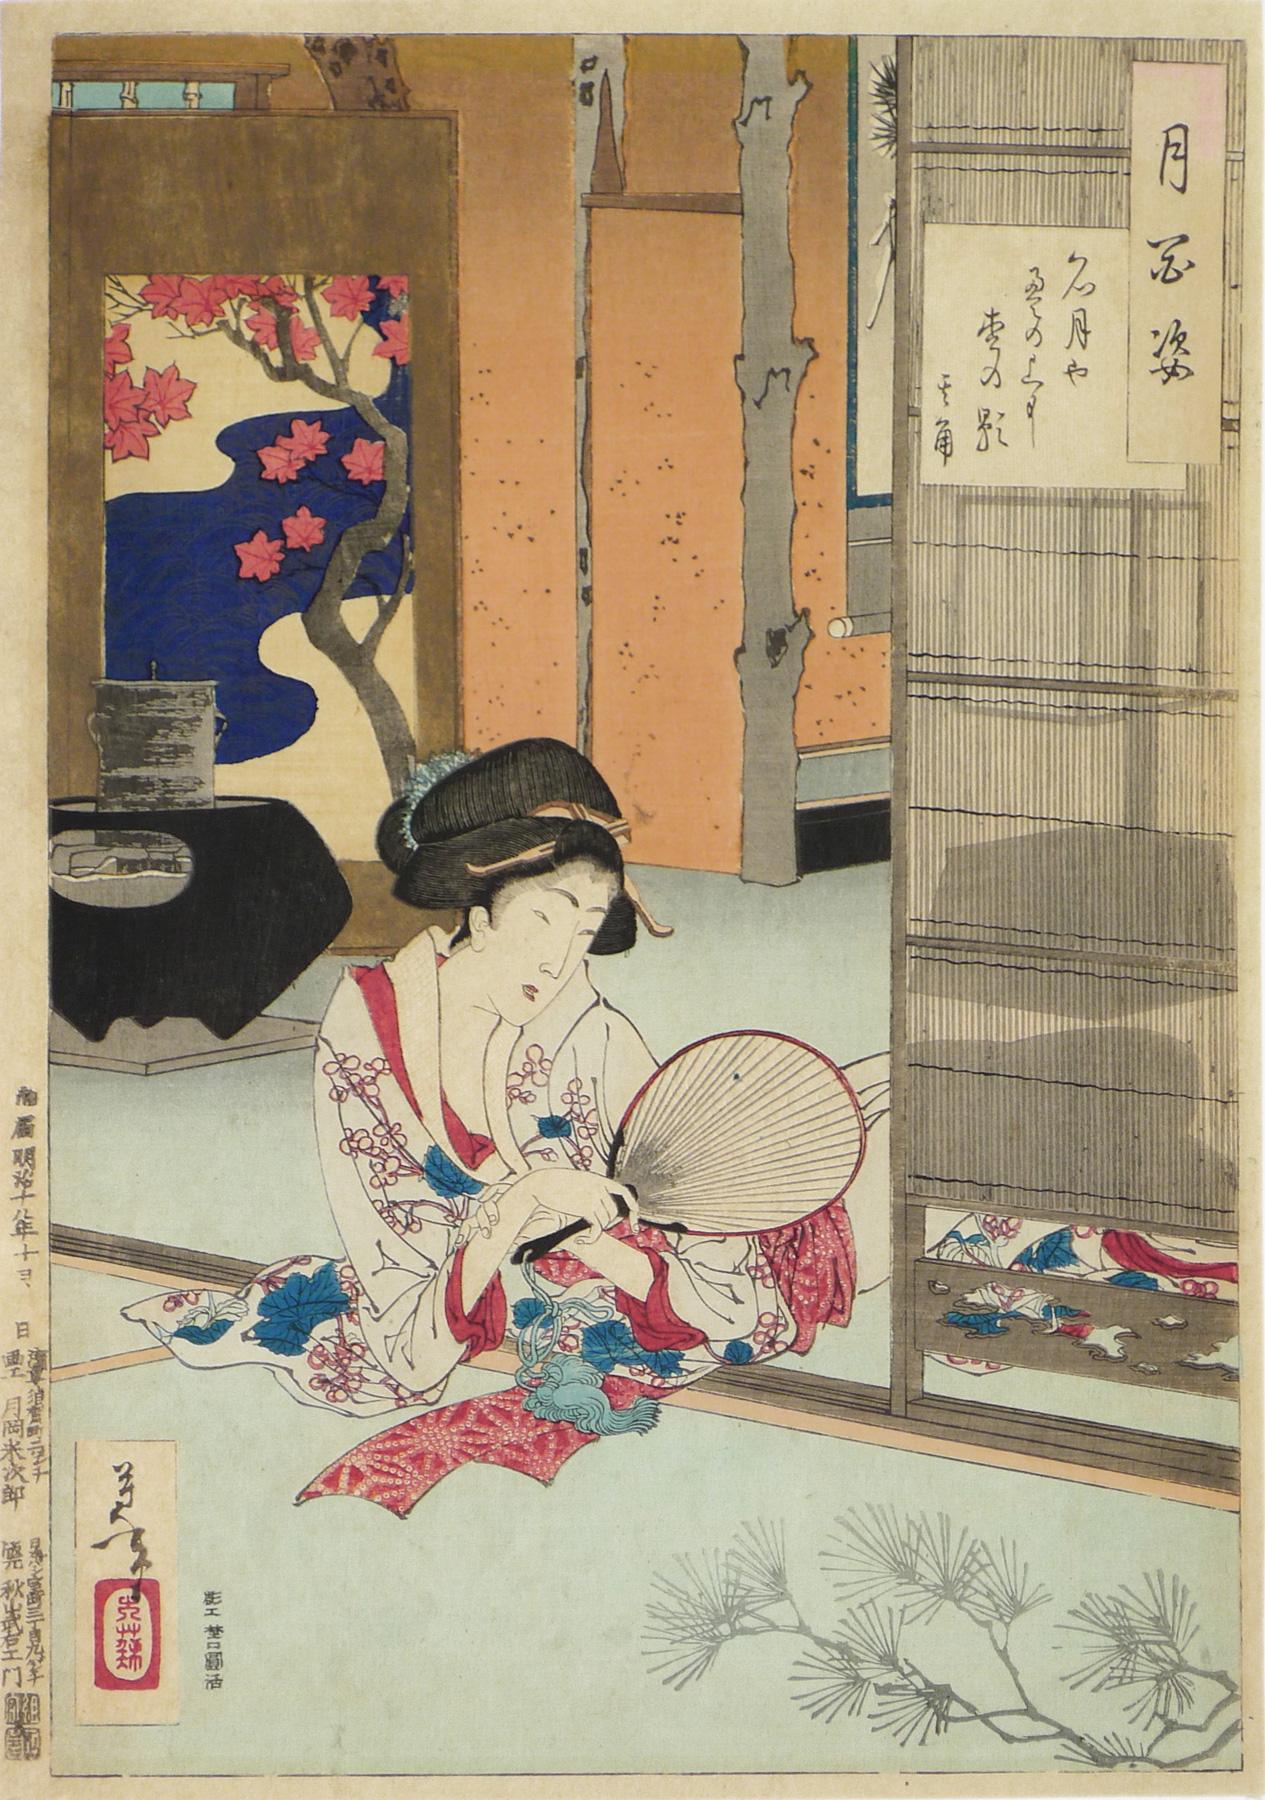 Tsukioka Yoshitoshi One Hundred Aspects of the Moon005 -Full-Moon-on-the-Tatami-Mats